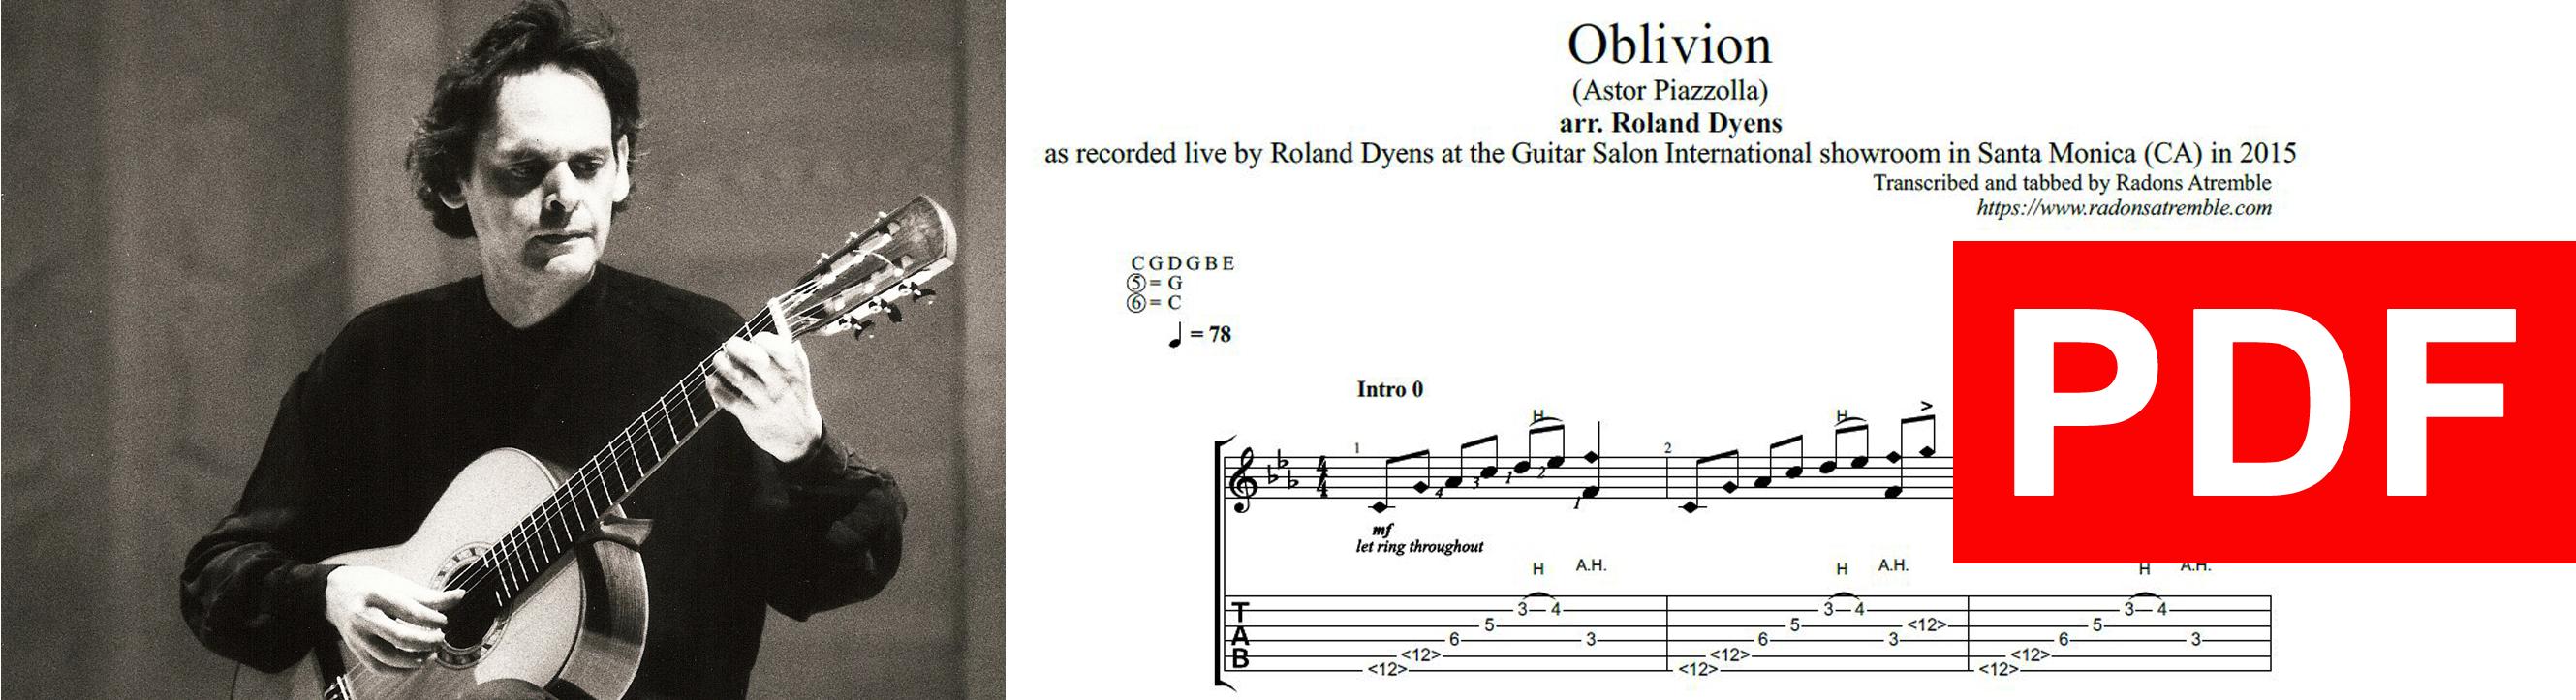 010 Oblivion - Roland Dyens PDF Image